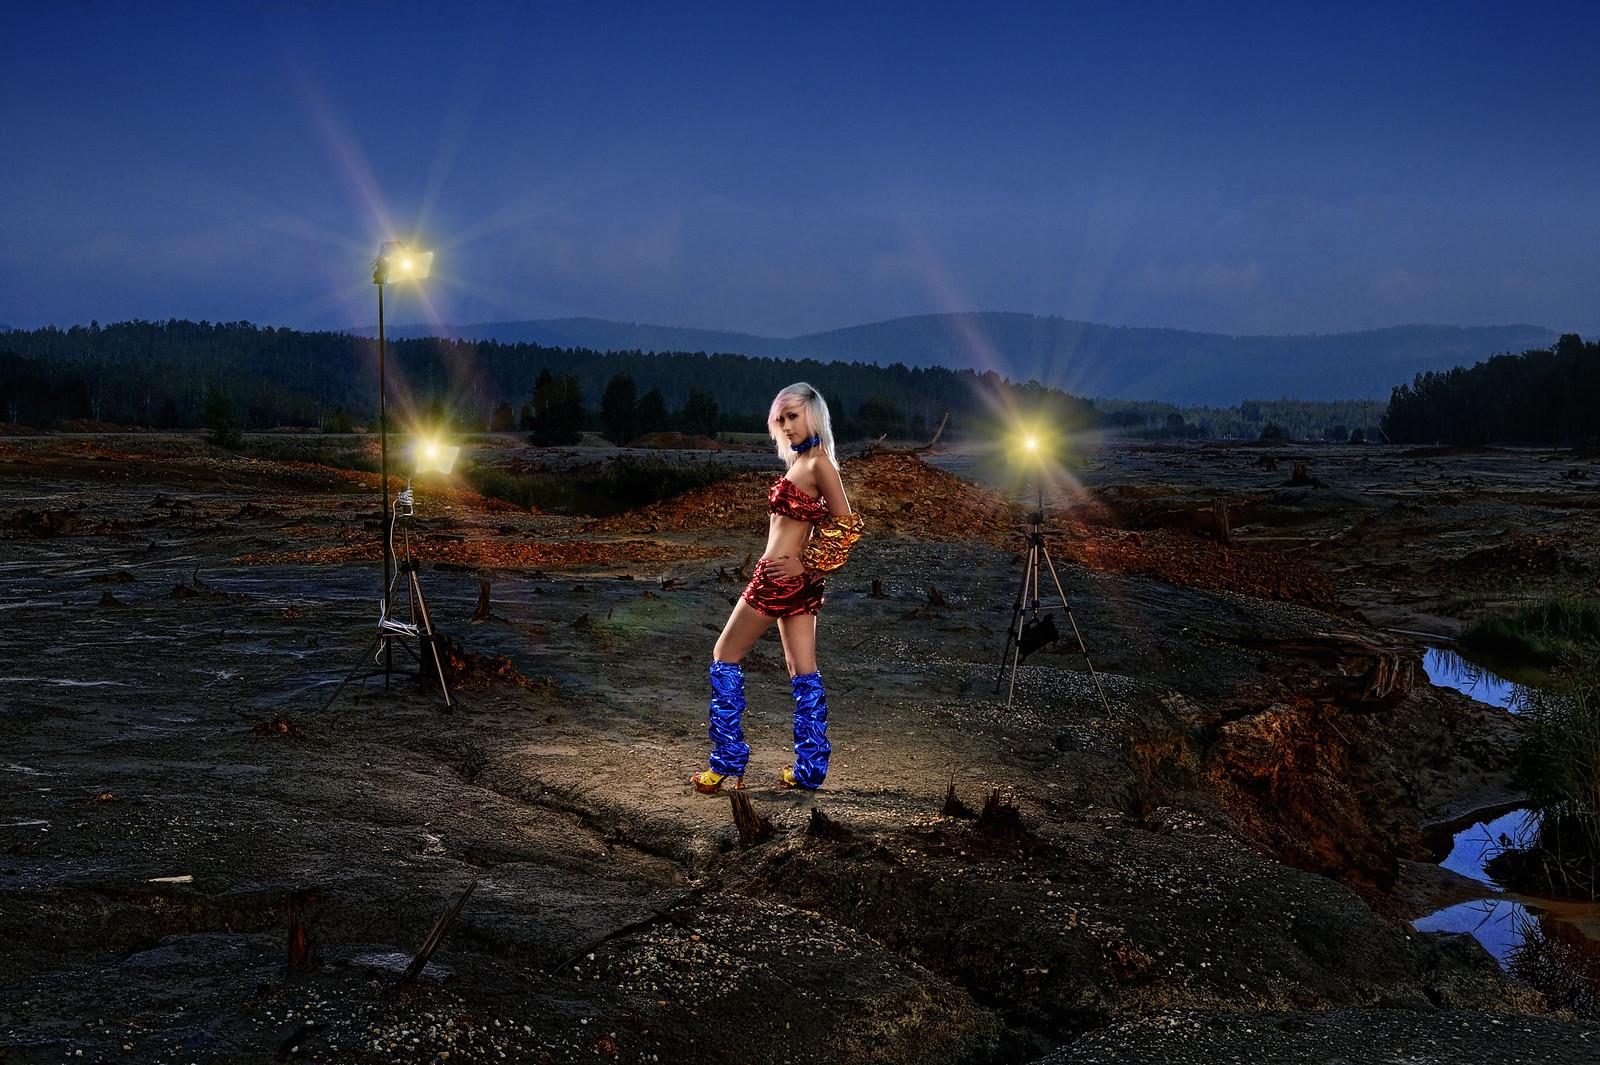 пейзаж фотограф Челябинск - Карабаш, экологическая катастрофа